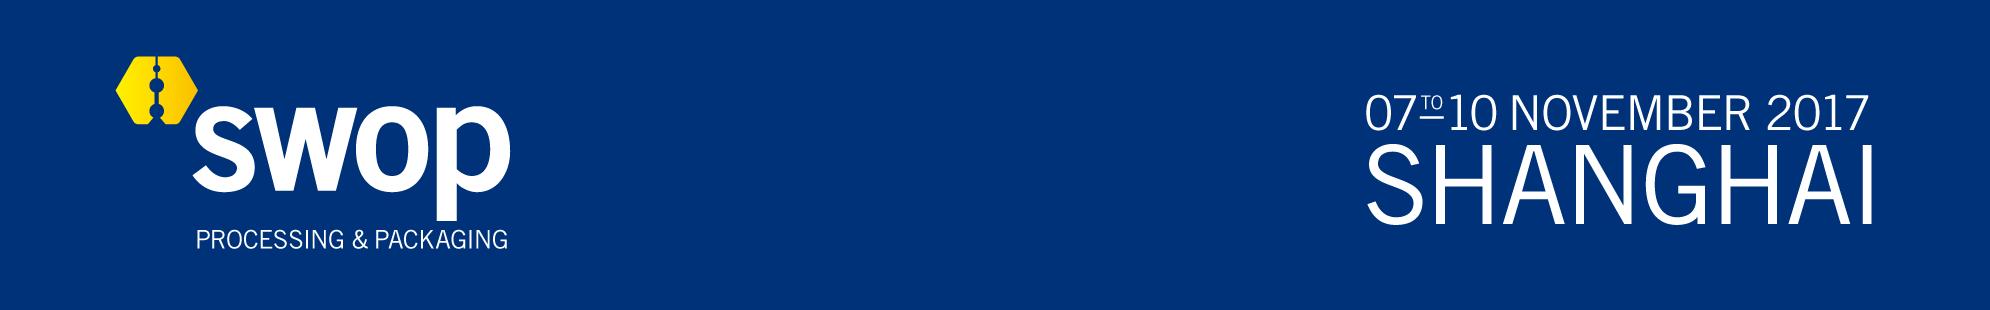 包装世界(上海)博览会   2015.11.17 - 20   中国·上海新国际博览中心